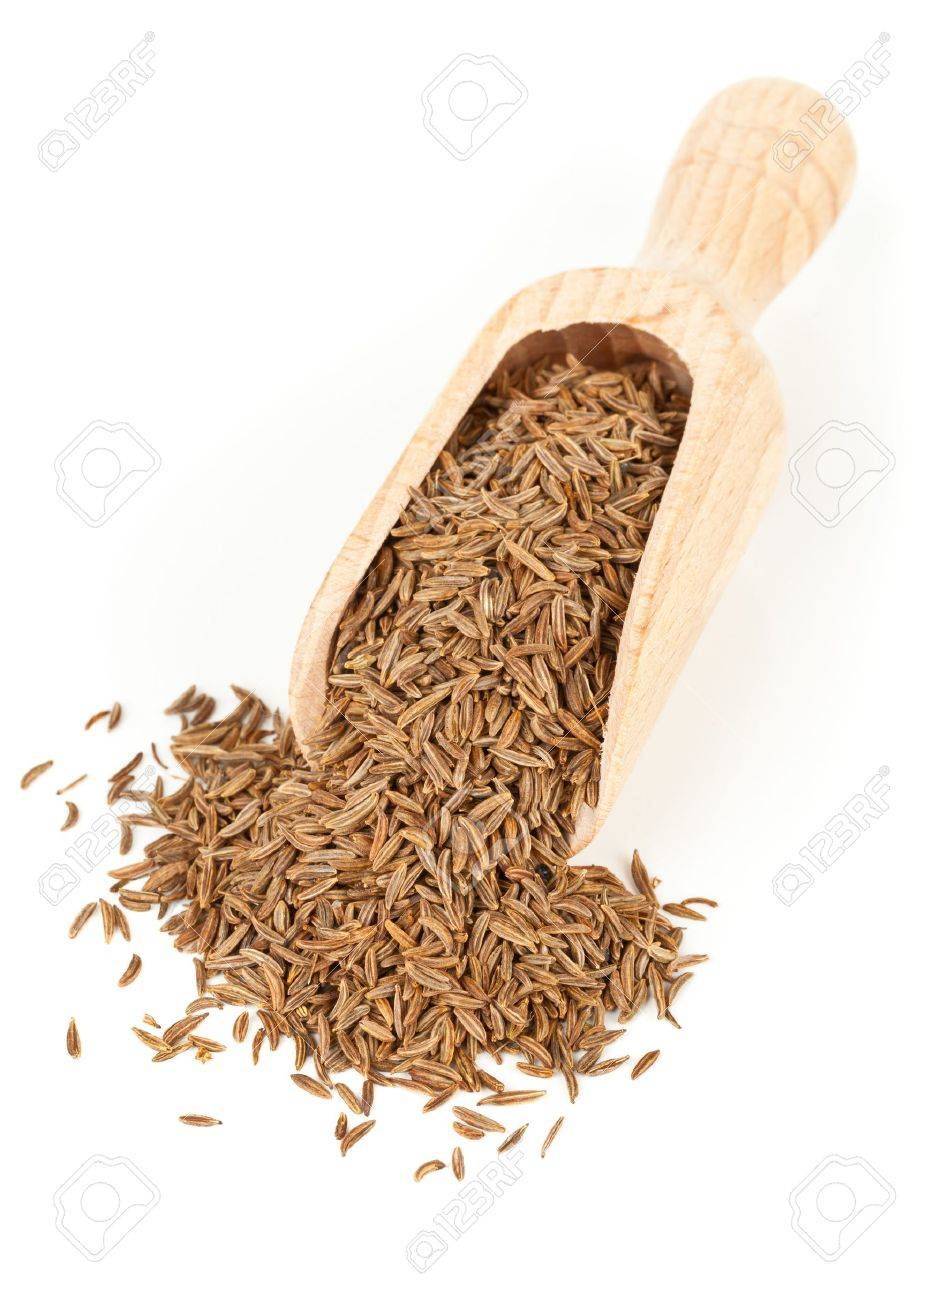 Caraway  Cumin seeds in wooden scoop over white background Standard-Bild - 15557854